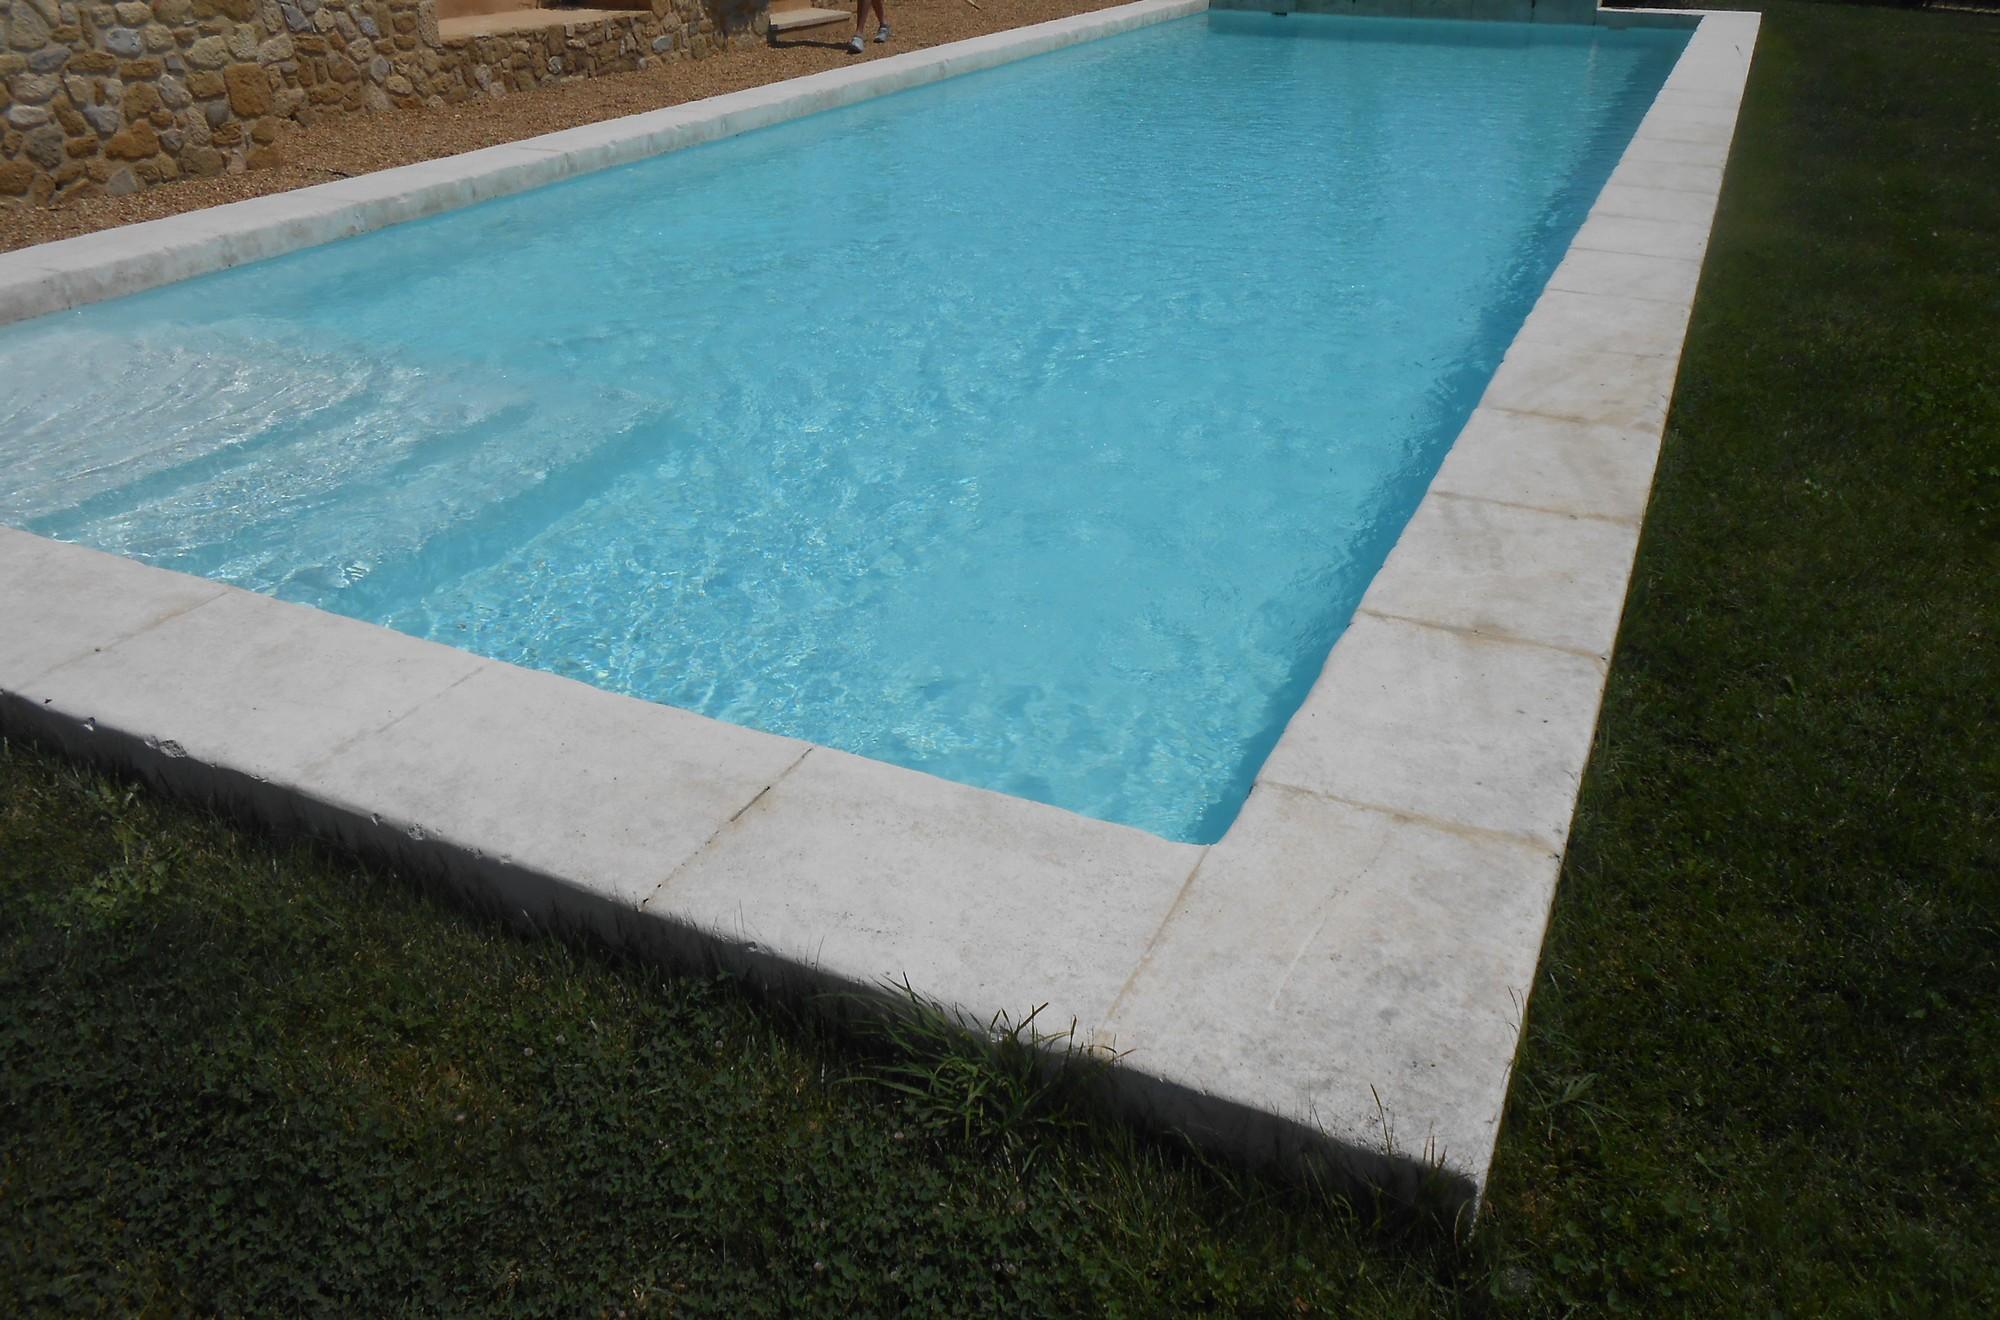 Accueil sud resine for Coque resine piscine